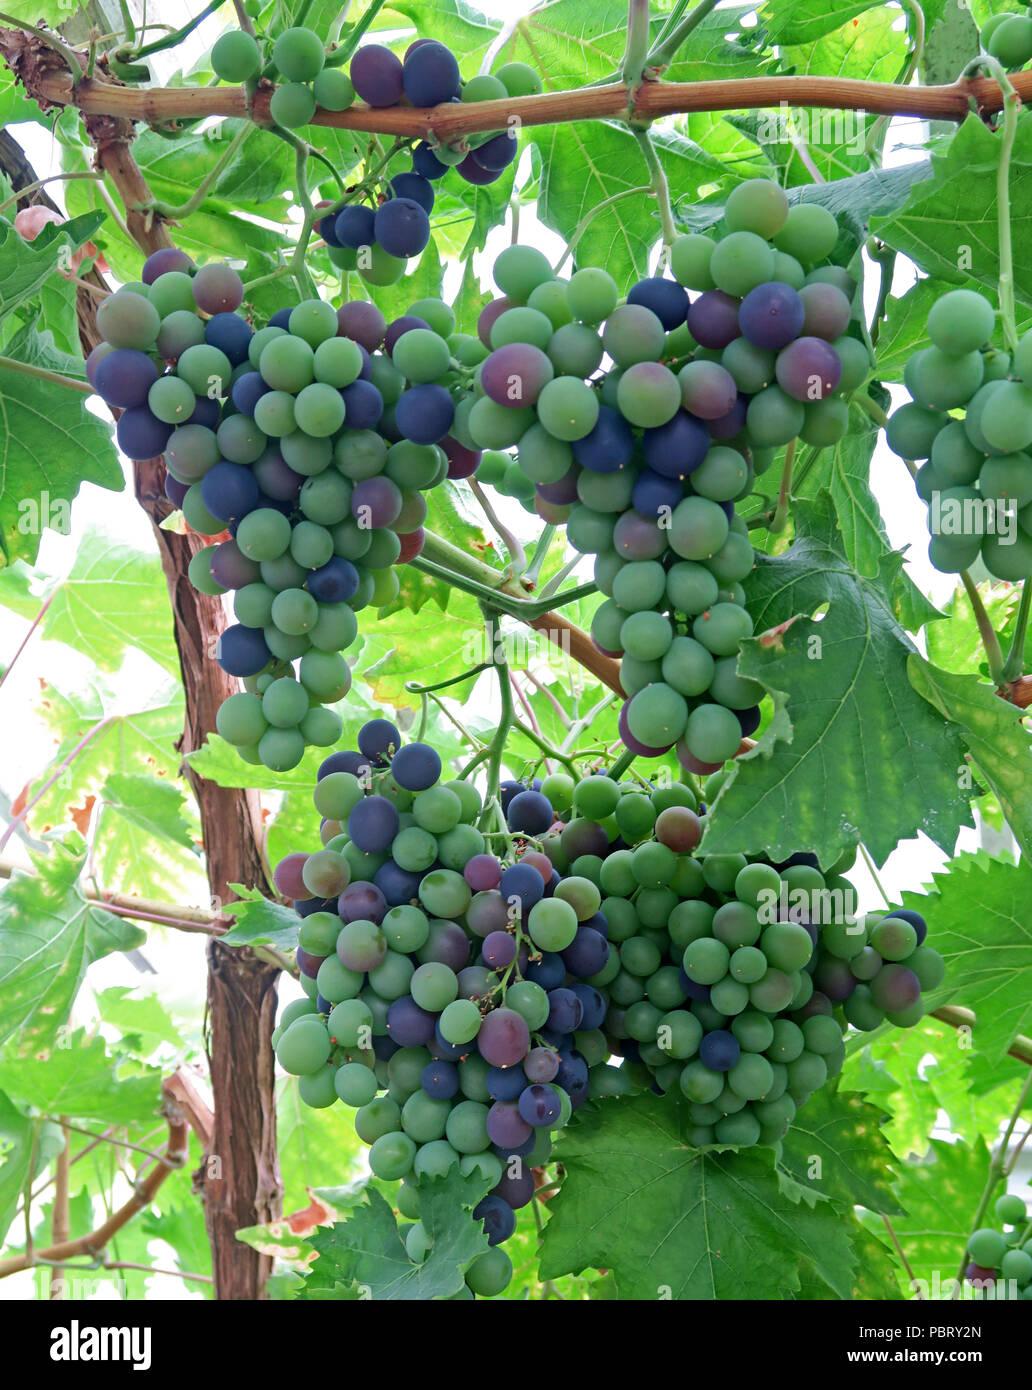 GoTonySmith,@HotpixUK,vine,grape,grapes,hanging,Grappenhall